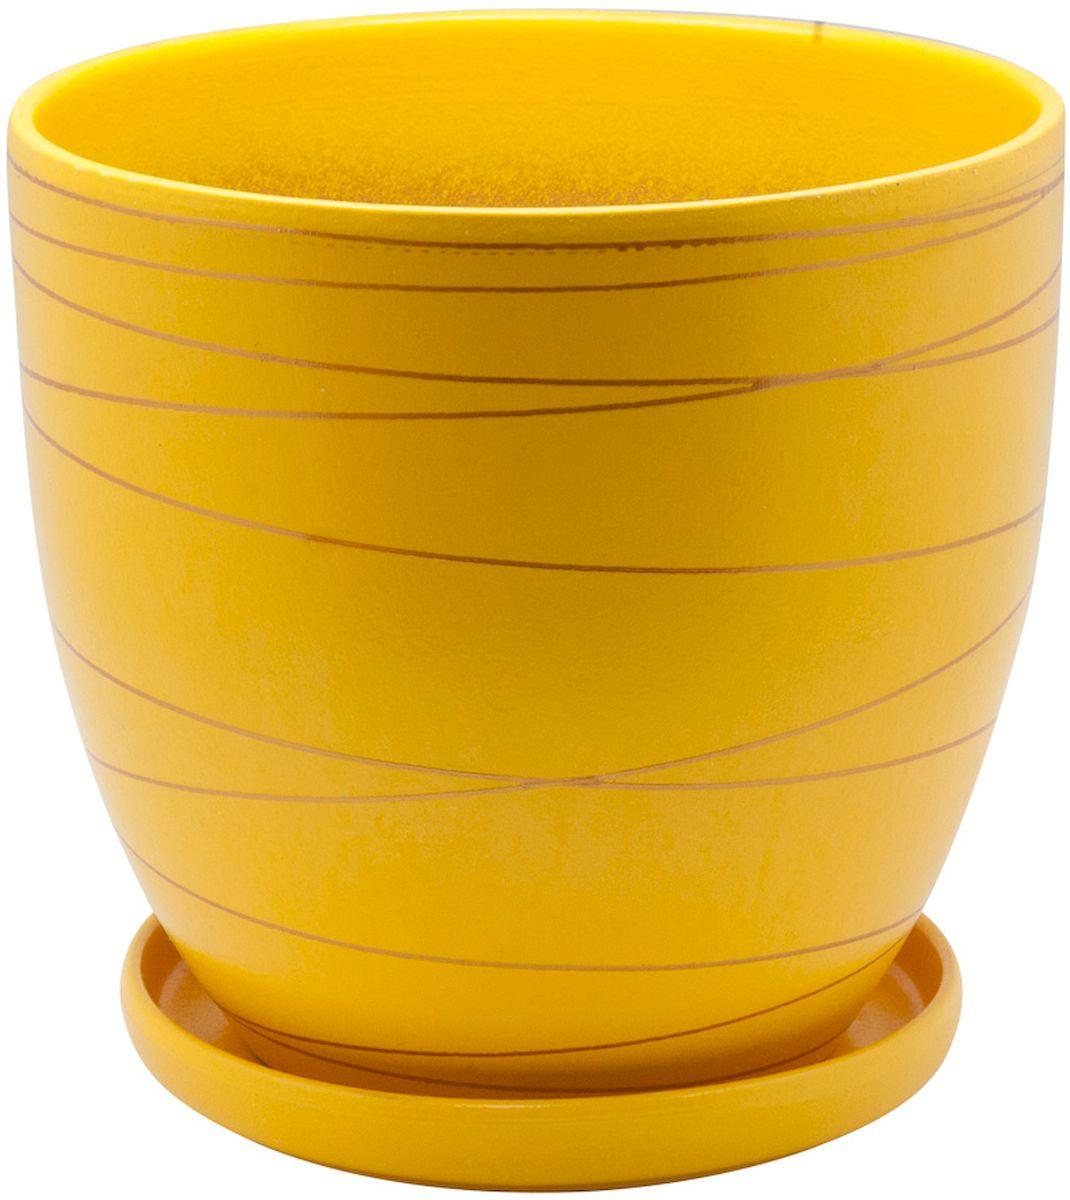 Горшок цветочный Engard, с поддоном, цвет: желтый, 0,5 лBH-25-8Керамический горшок Engard - это идеальное решение для выращивания комнатных растений и создания изысканности в интерьере. Керамический горшок сделан из высококачественной глины в классической форме и оригинальном дизайне.Объем: 0,5 л.